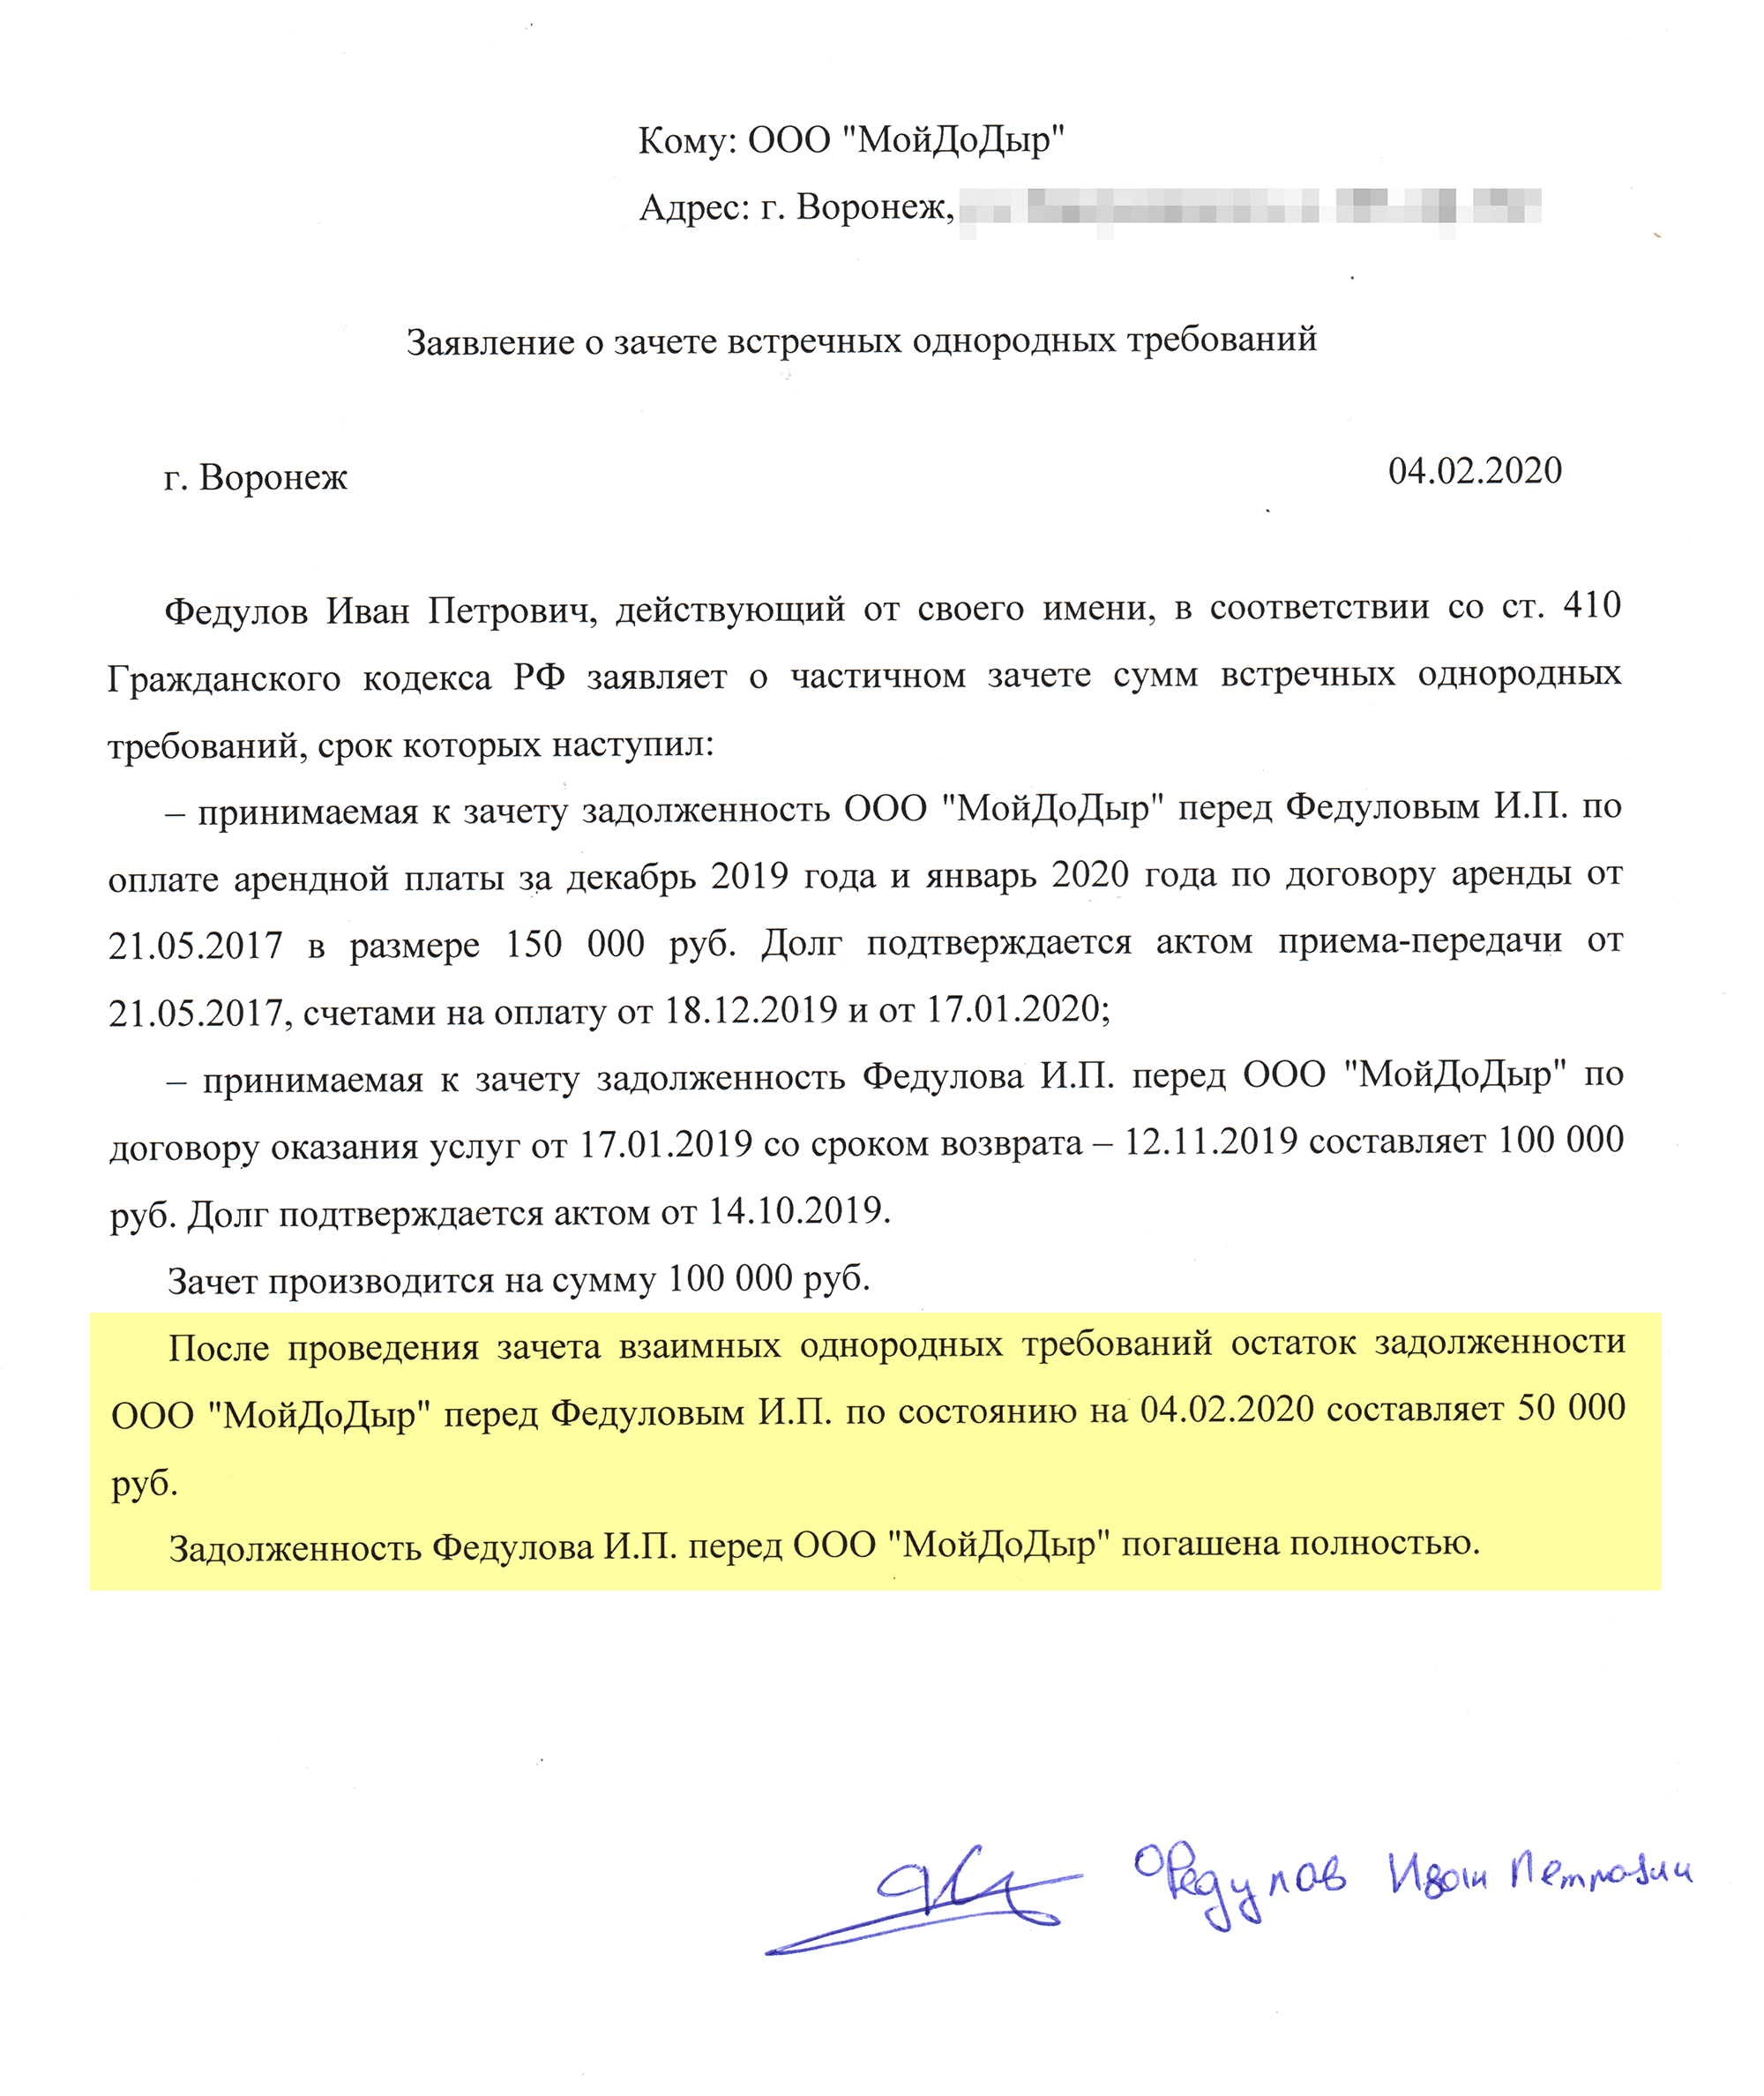 Образец соглашения о зачете встречных однородных требований. Документ можно назвать иначе, например актом взаимозачета